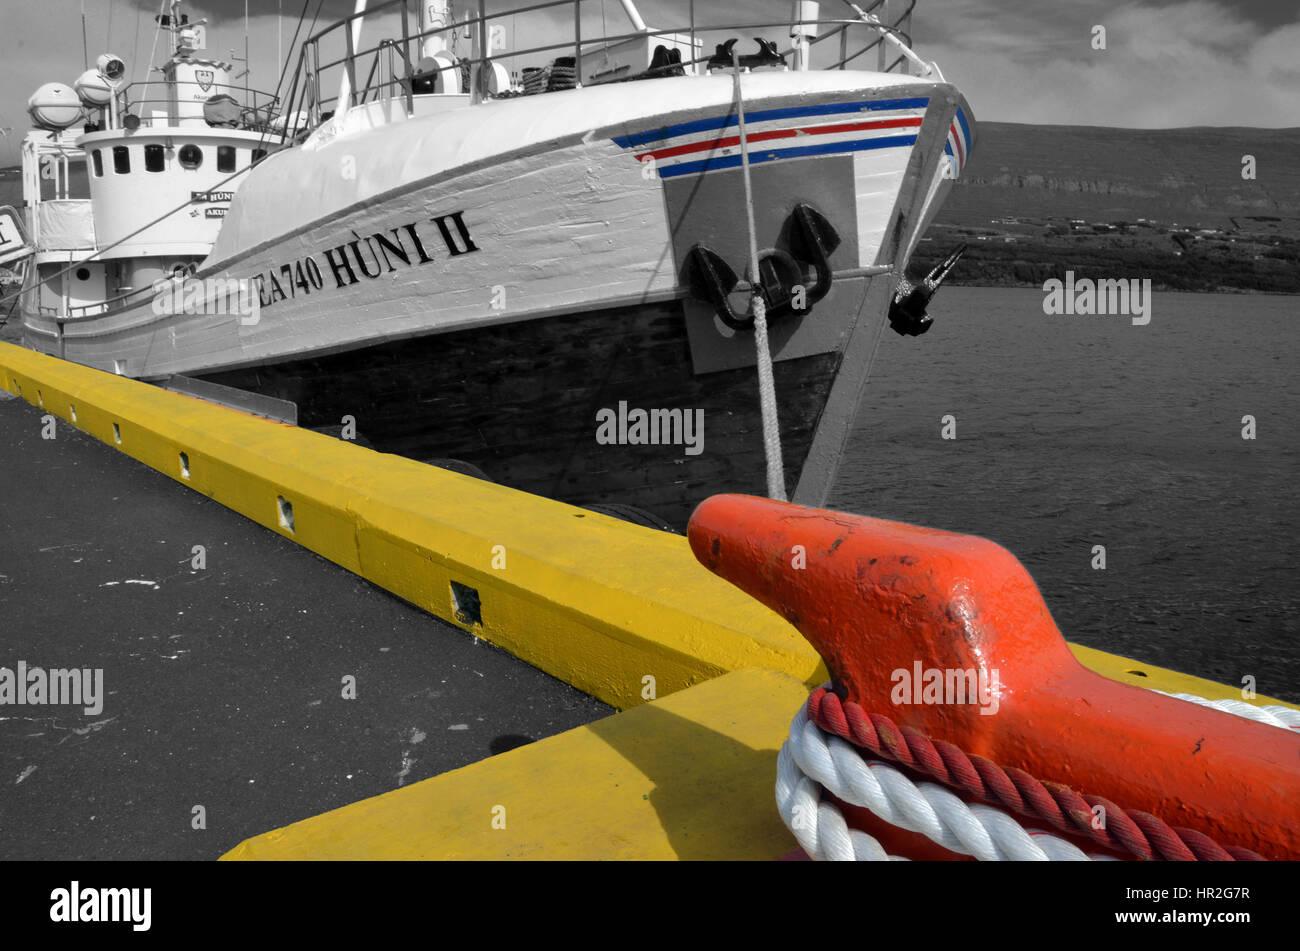 Un ancien bateau de pêche utilisé aujourd'hui pour l'observation des baleines à Akureyri, Photo Stock